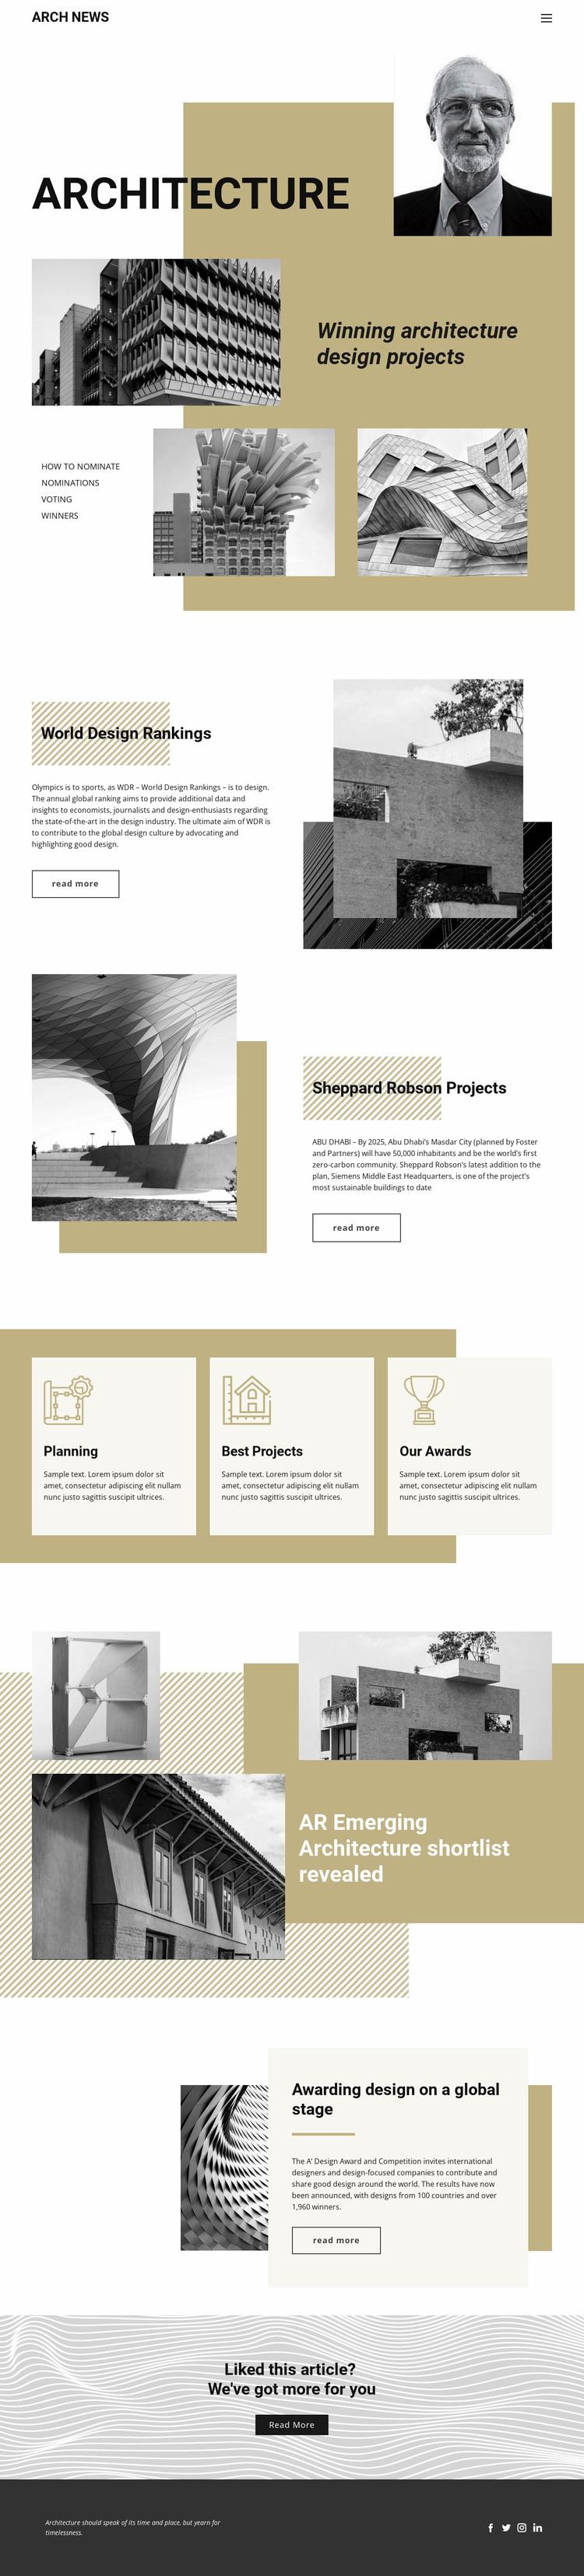 Design of Architecture Website Design